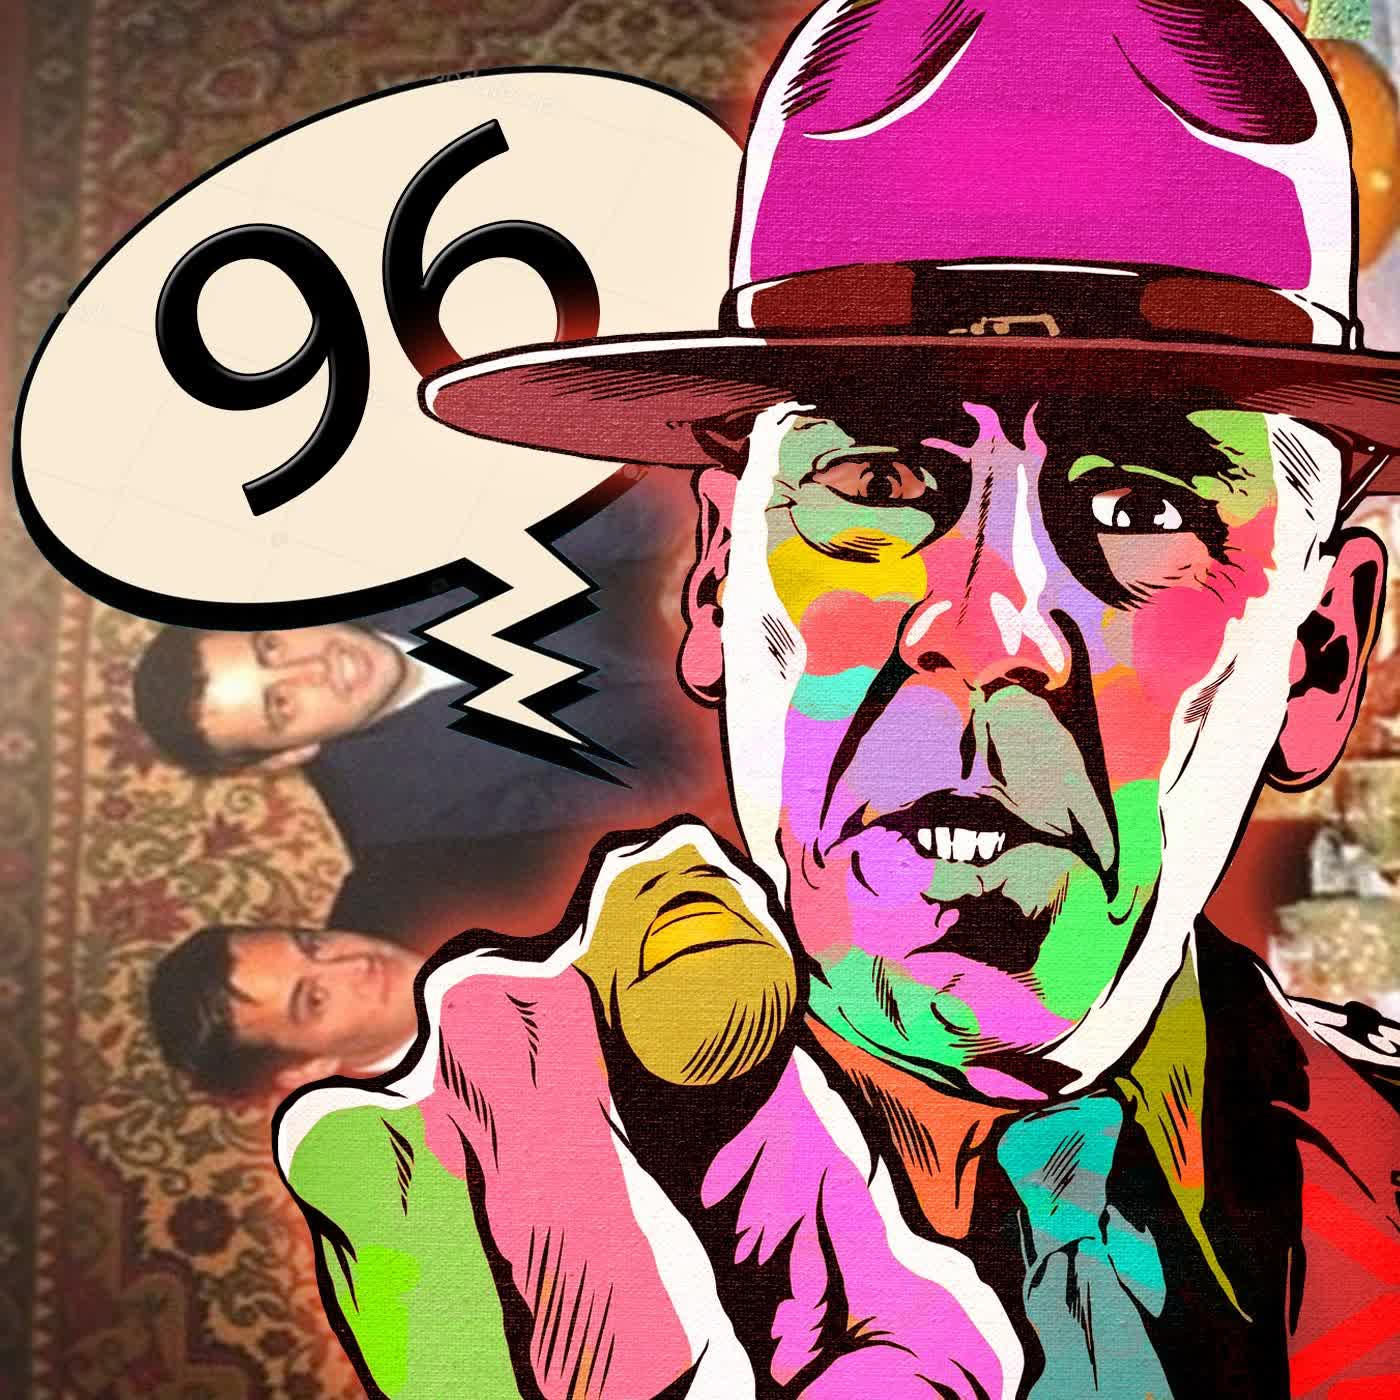 96 - Запрет мата в соцсетях, Сериал Друзья в России 90-тых